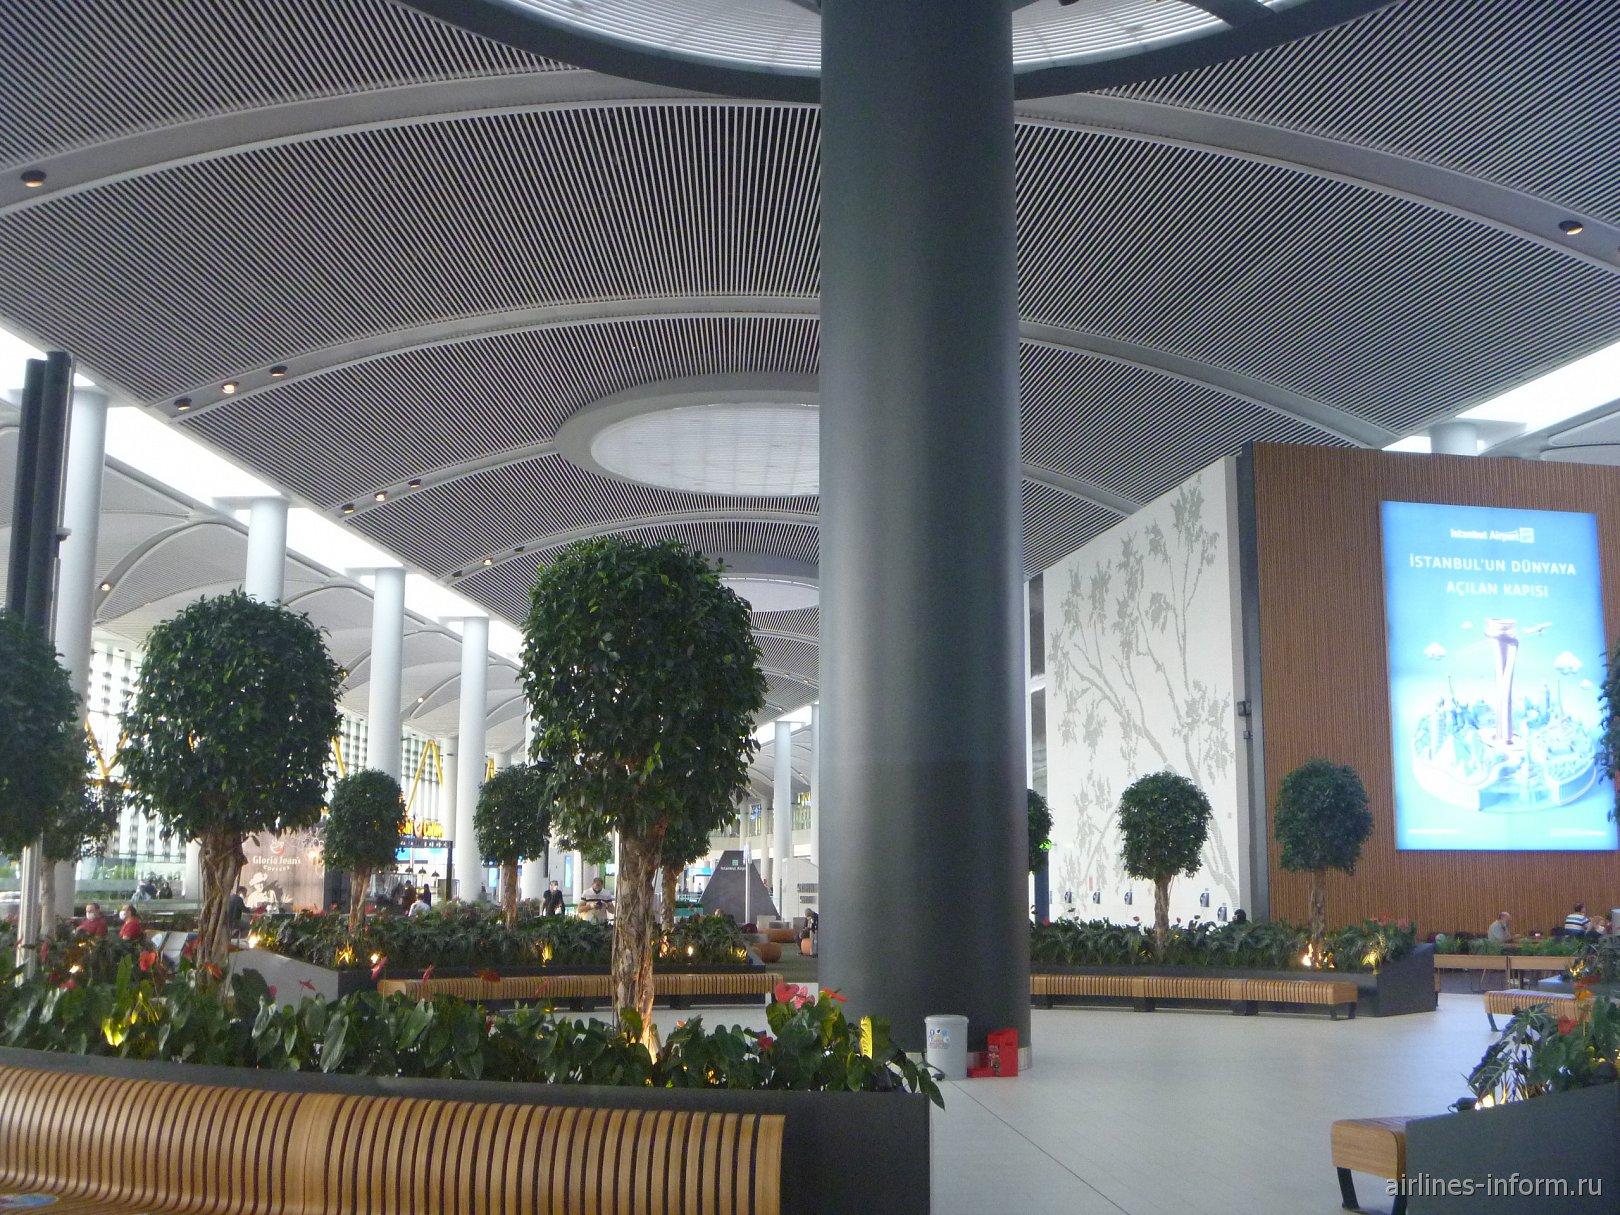 Зеленая зона в пассажирском терминале нового аэропорта Стамбула